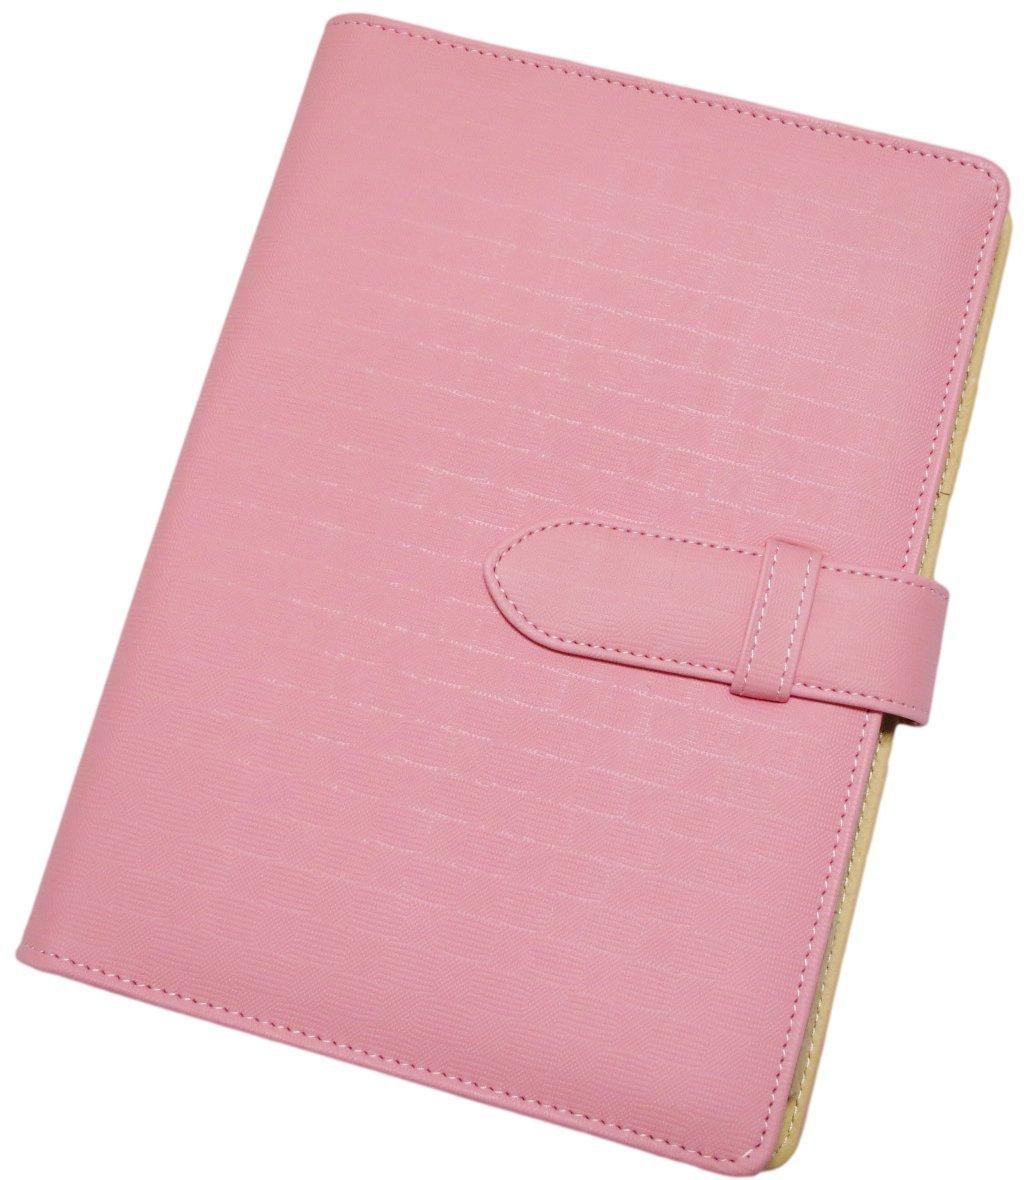 a5 システム手帐 粉红色 定番 使えるリフィル5点付き